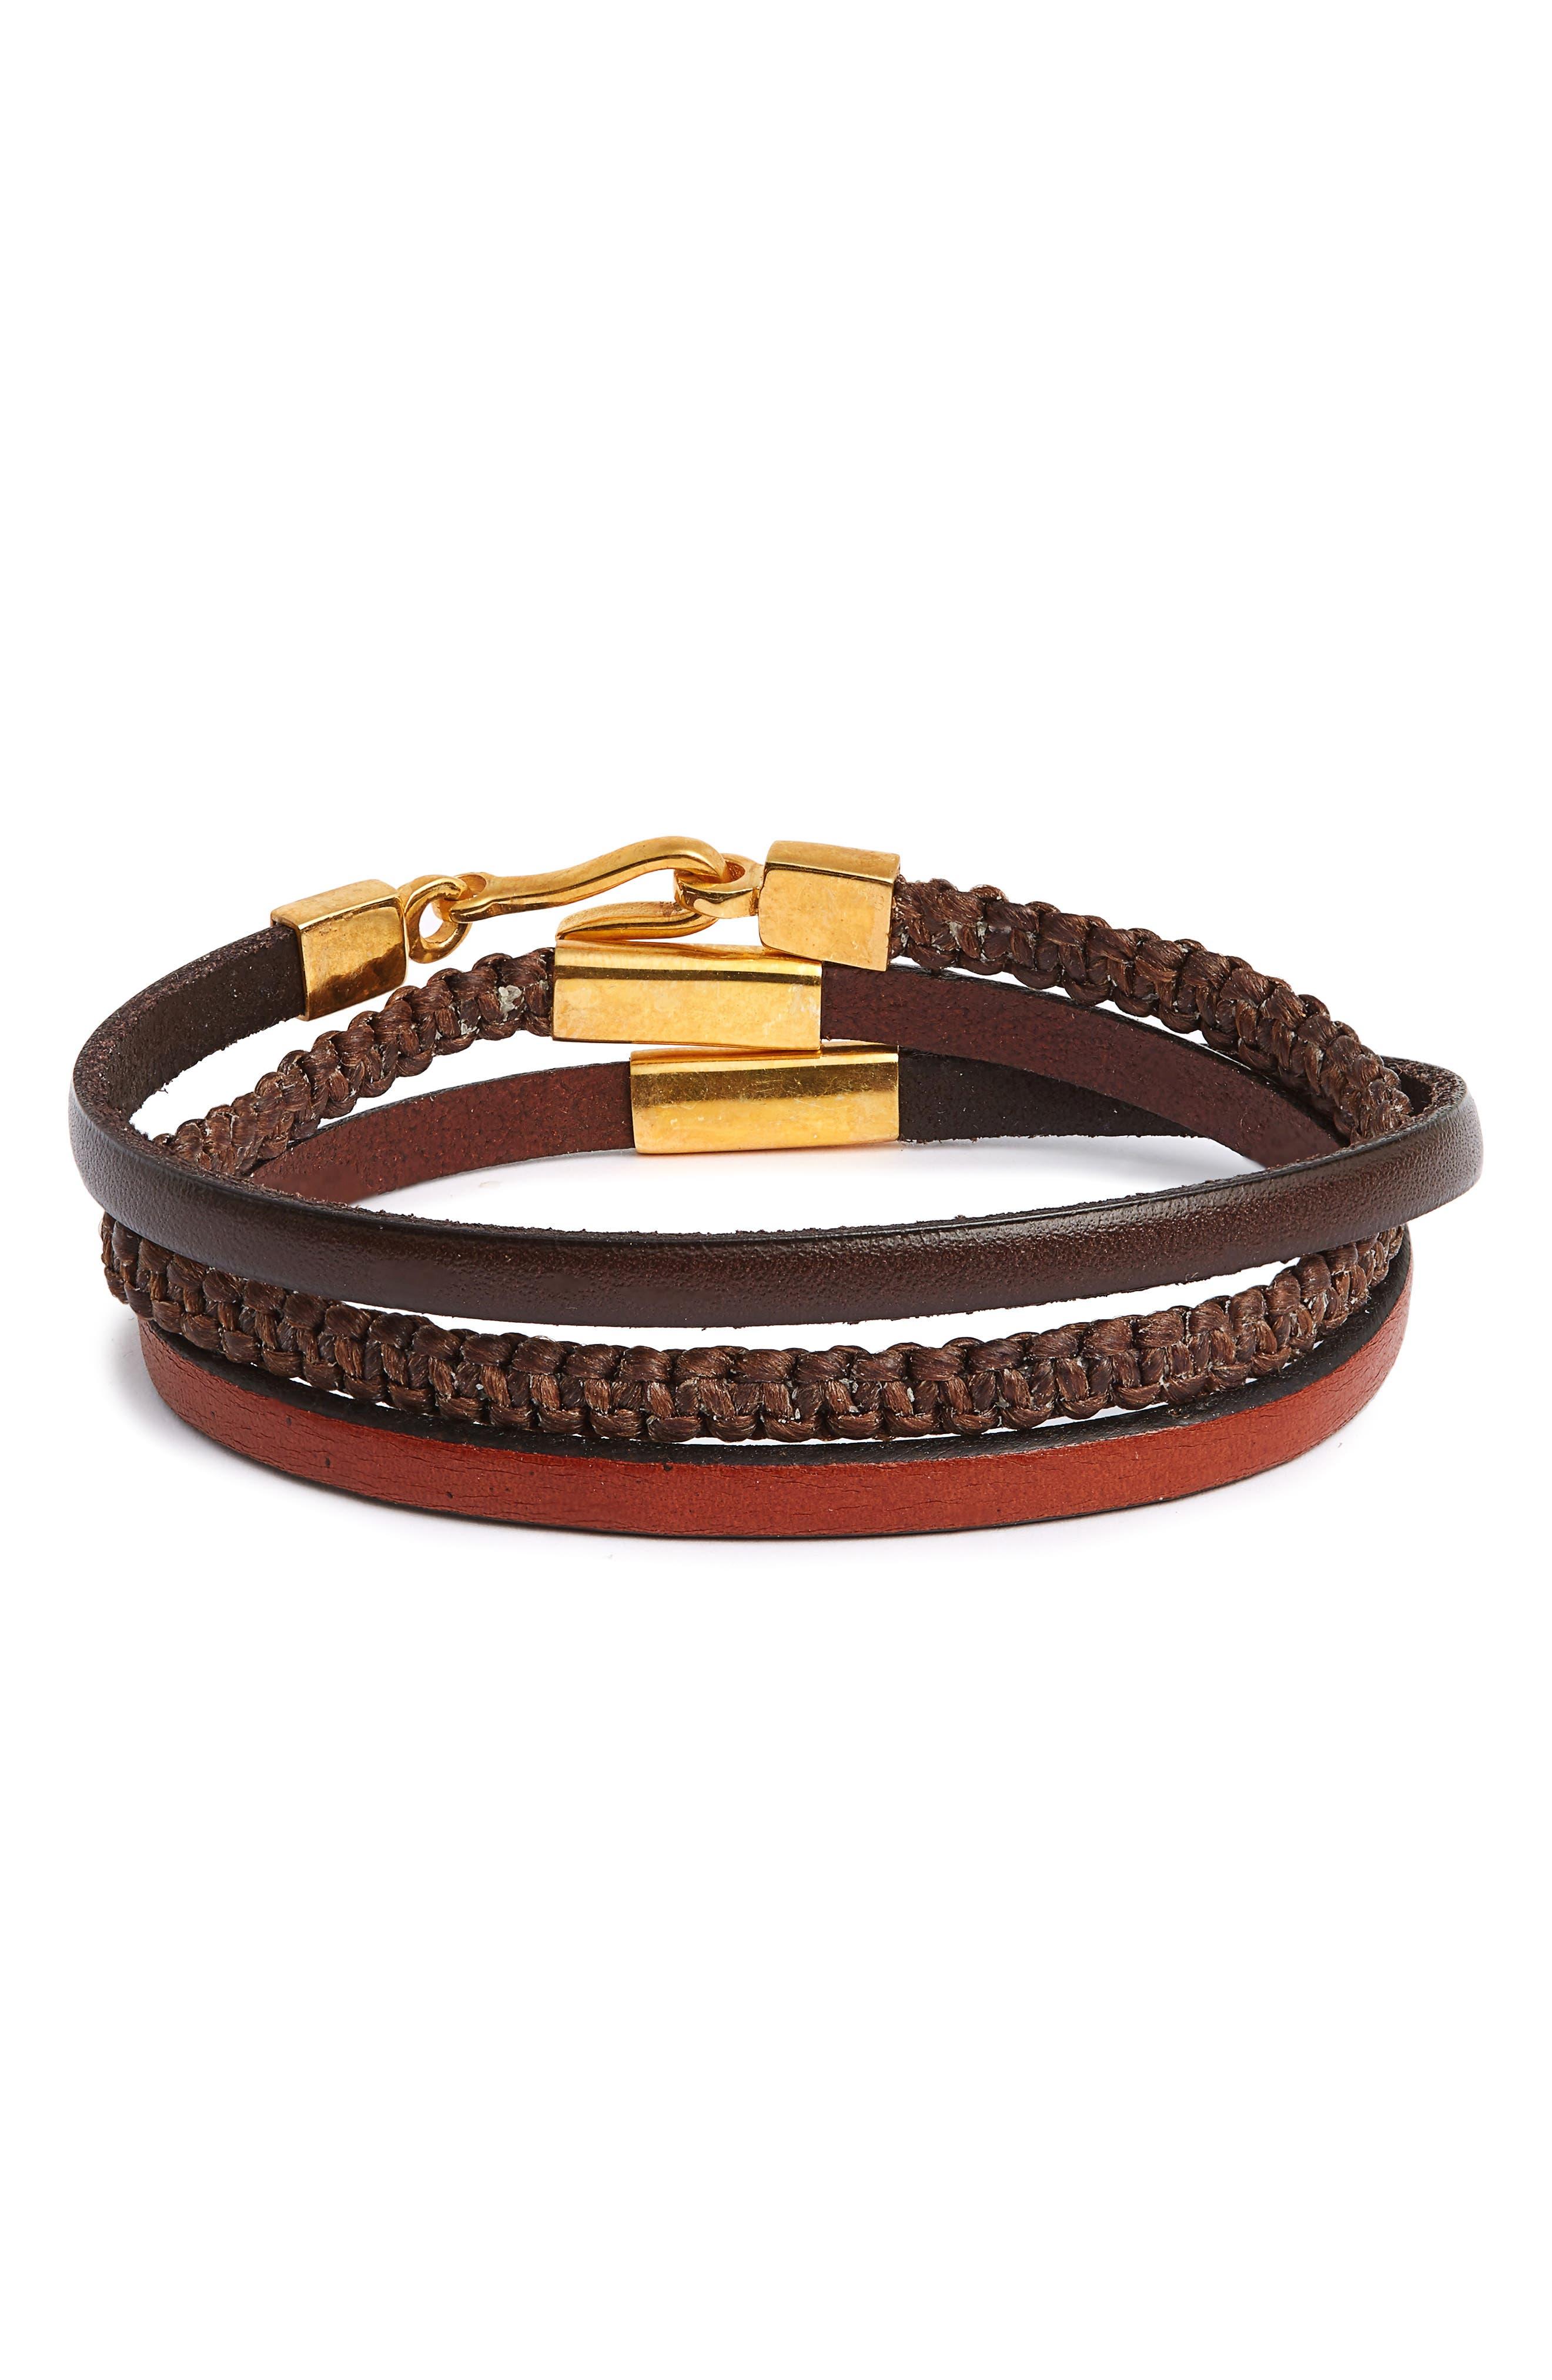 Leather Wrap Bracelet,                             Main thumbnail 1, color,                             200